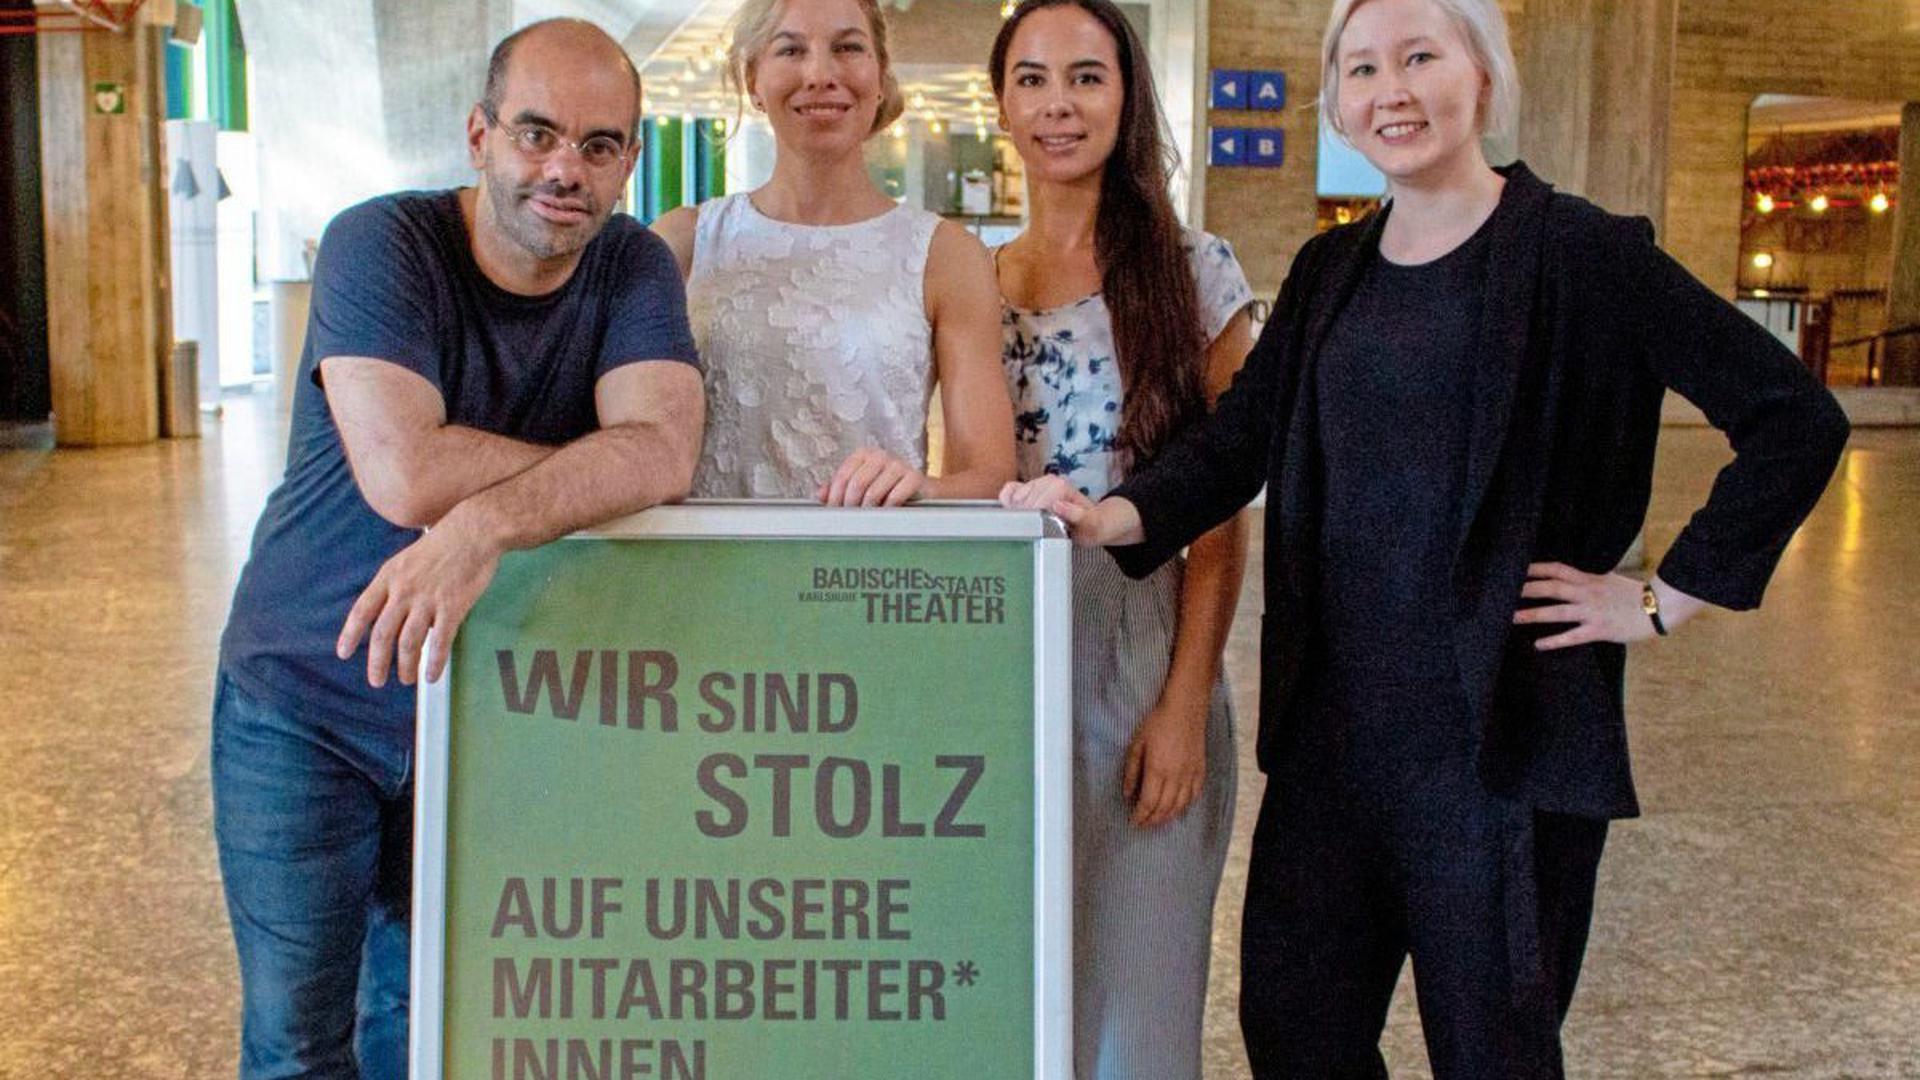 Das Badische Staatstheater in Karlsruhe hat mit einem Plakat und einem Facebook-Post öffentlich auf die Anfrage der AfD im Landtag reagiert.